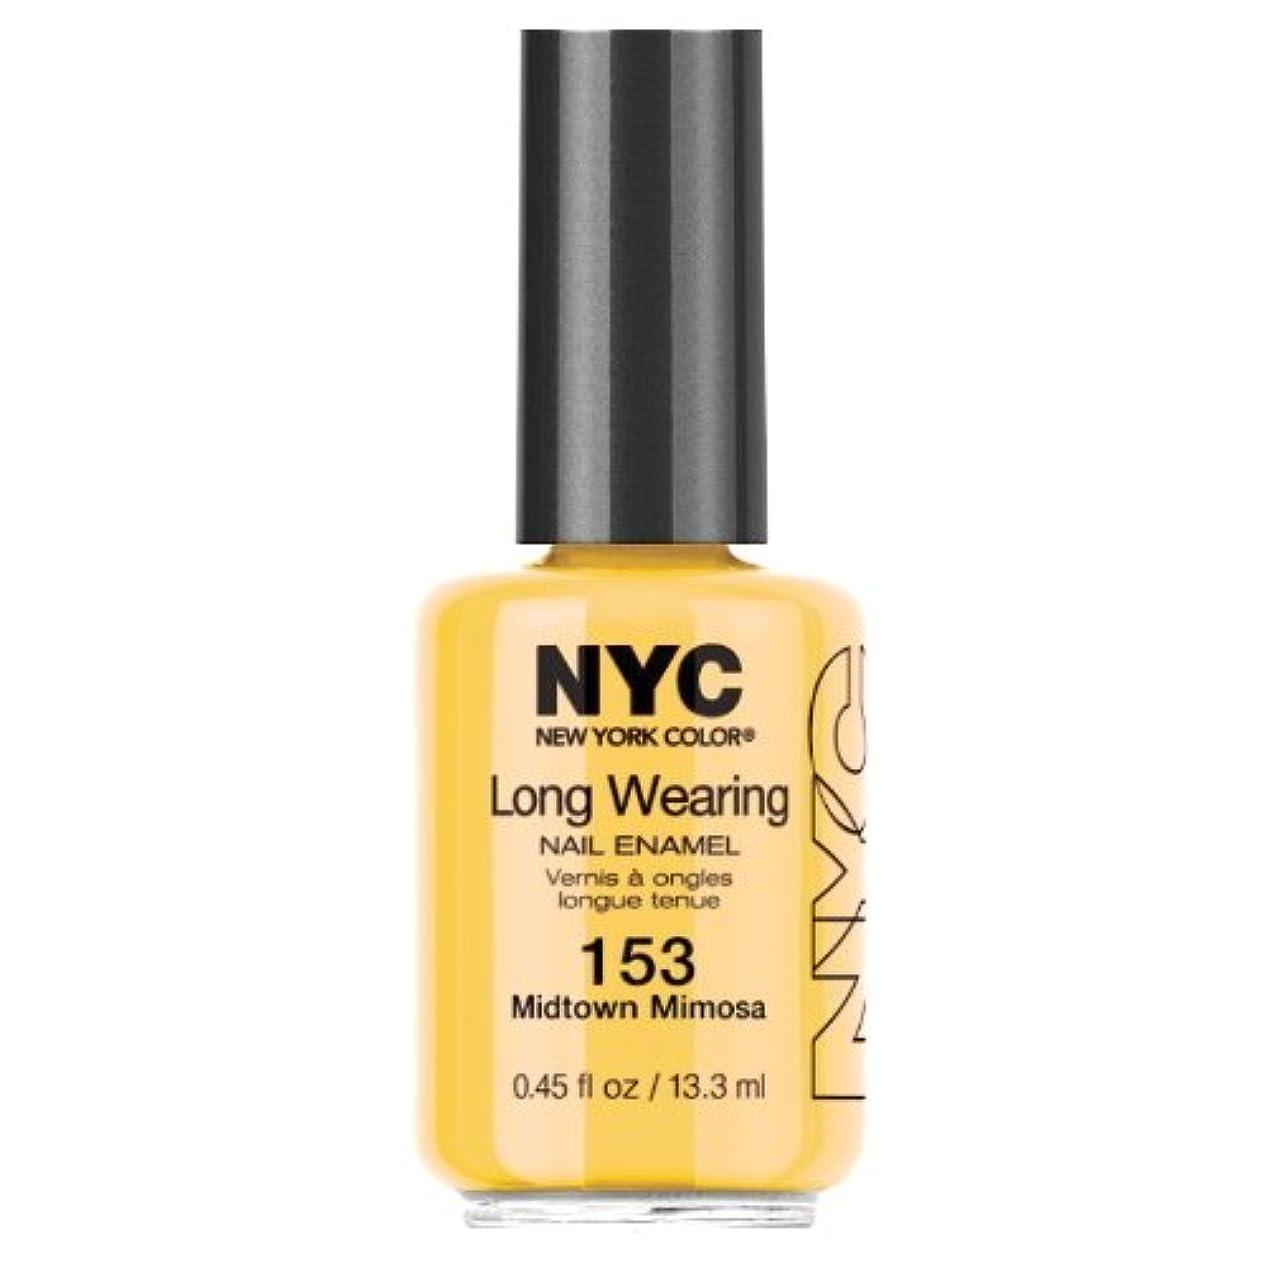 衣装同等の明るい(3 Pack) NYC Long Wearing Nail Enamel - Midtown Mimosa (並行輸入品)